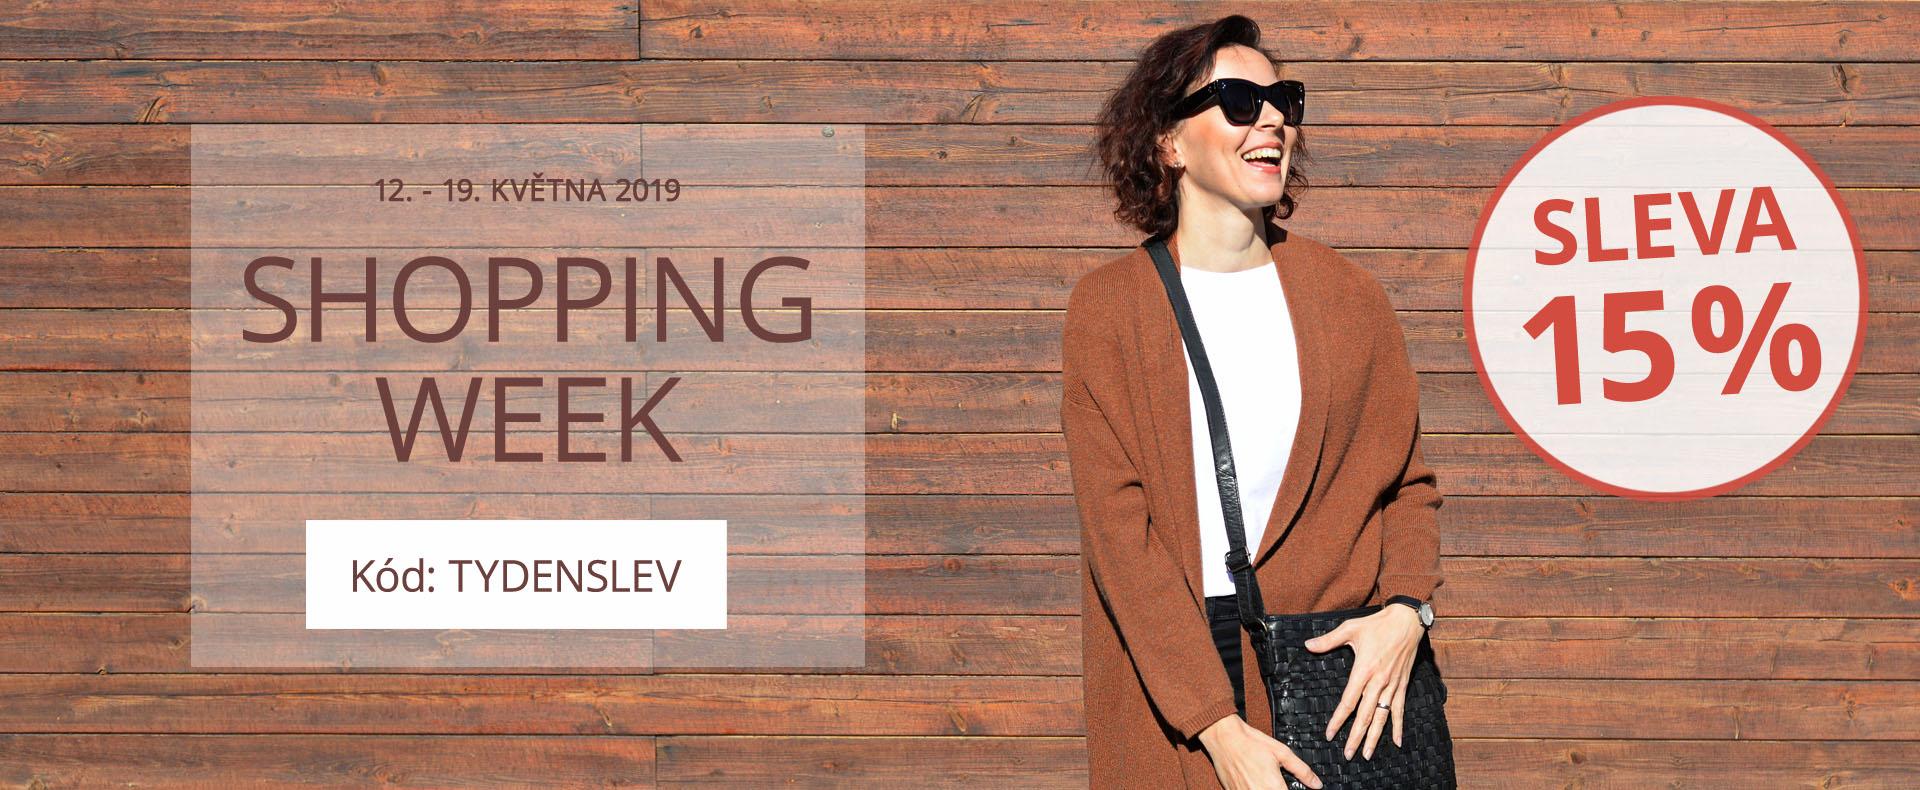 Shopping week 2019